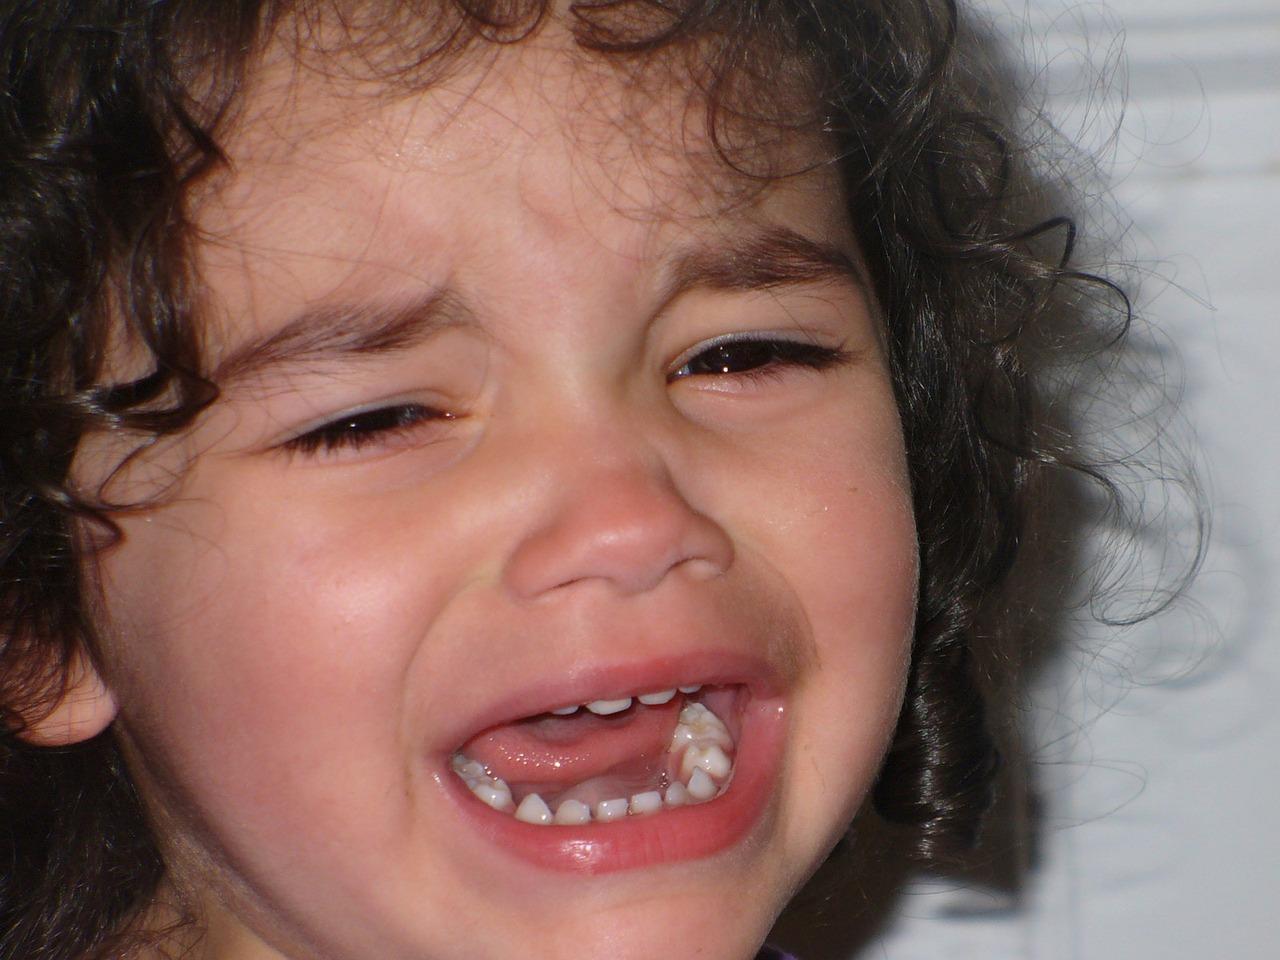 子供が幼稚園に行くのを登園拒否…泣くのはいつまで?続く時の対処法